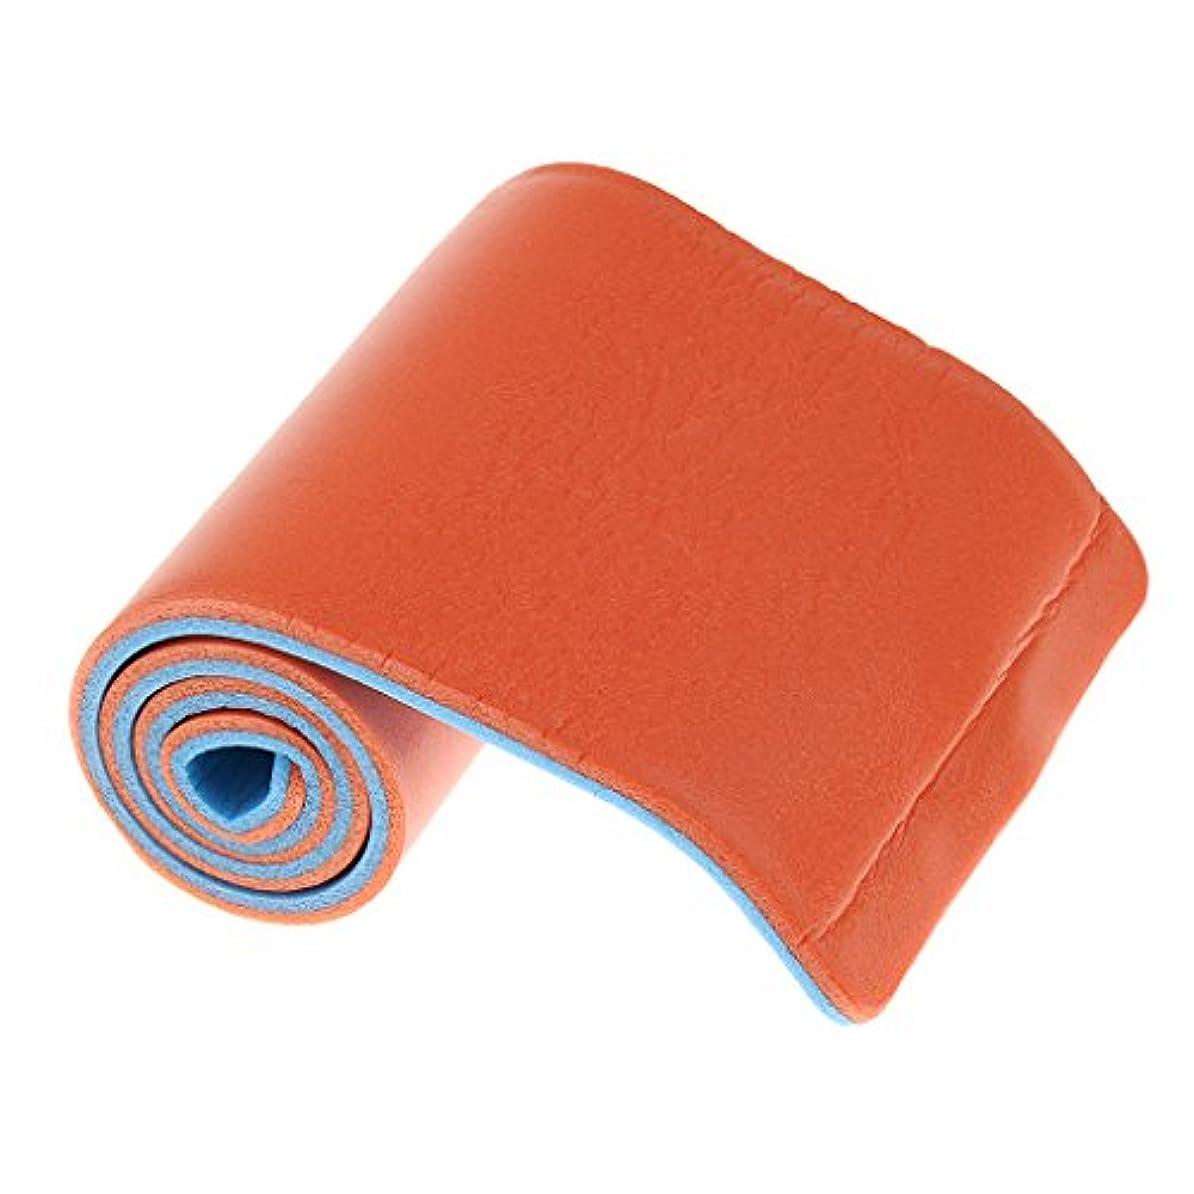 キャラクター任命追い払うCUTICATE スプリントロール 副木ロール 固定 スポーツパッド付き 再使用可能 自在にカット 防水